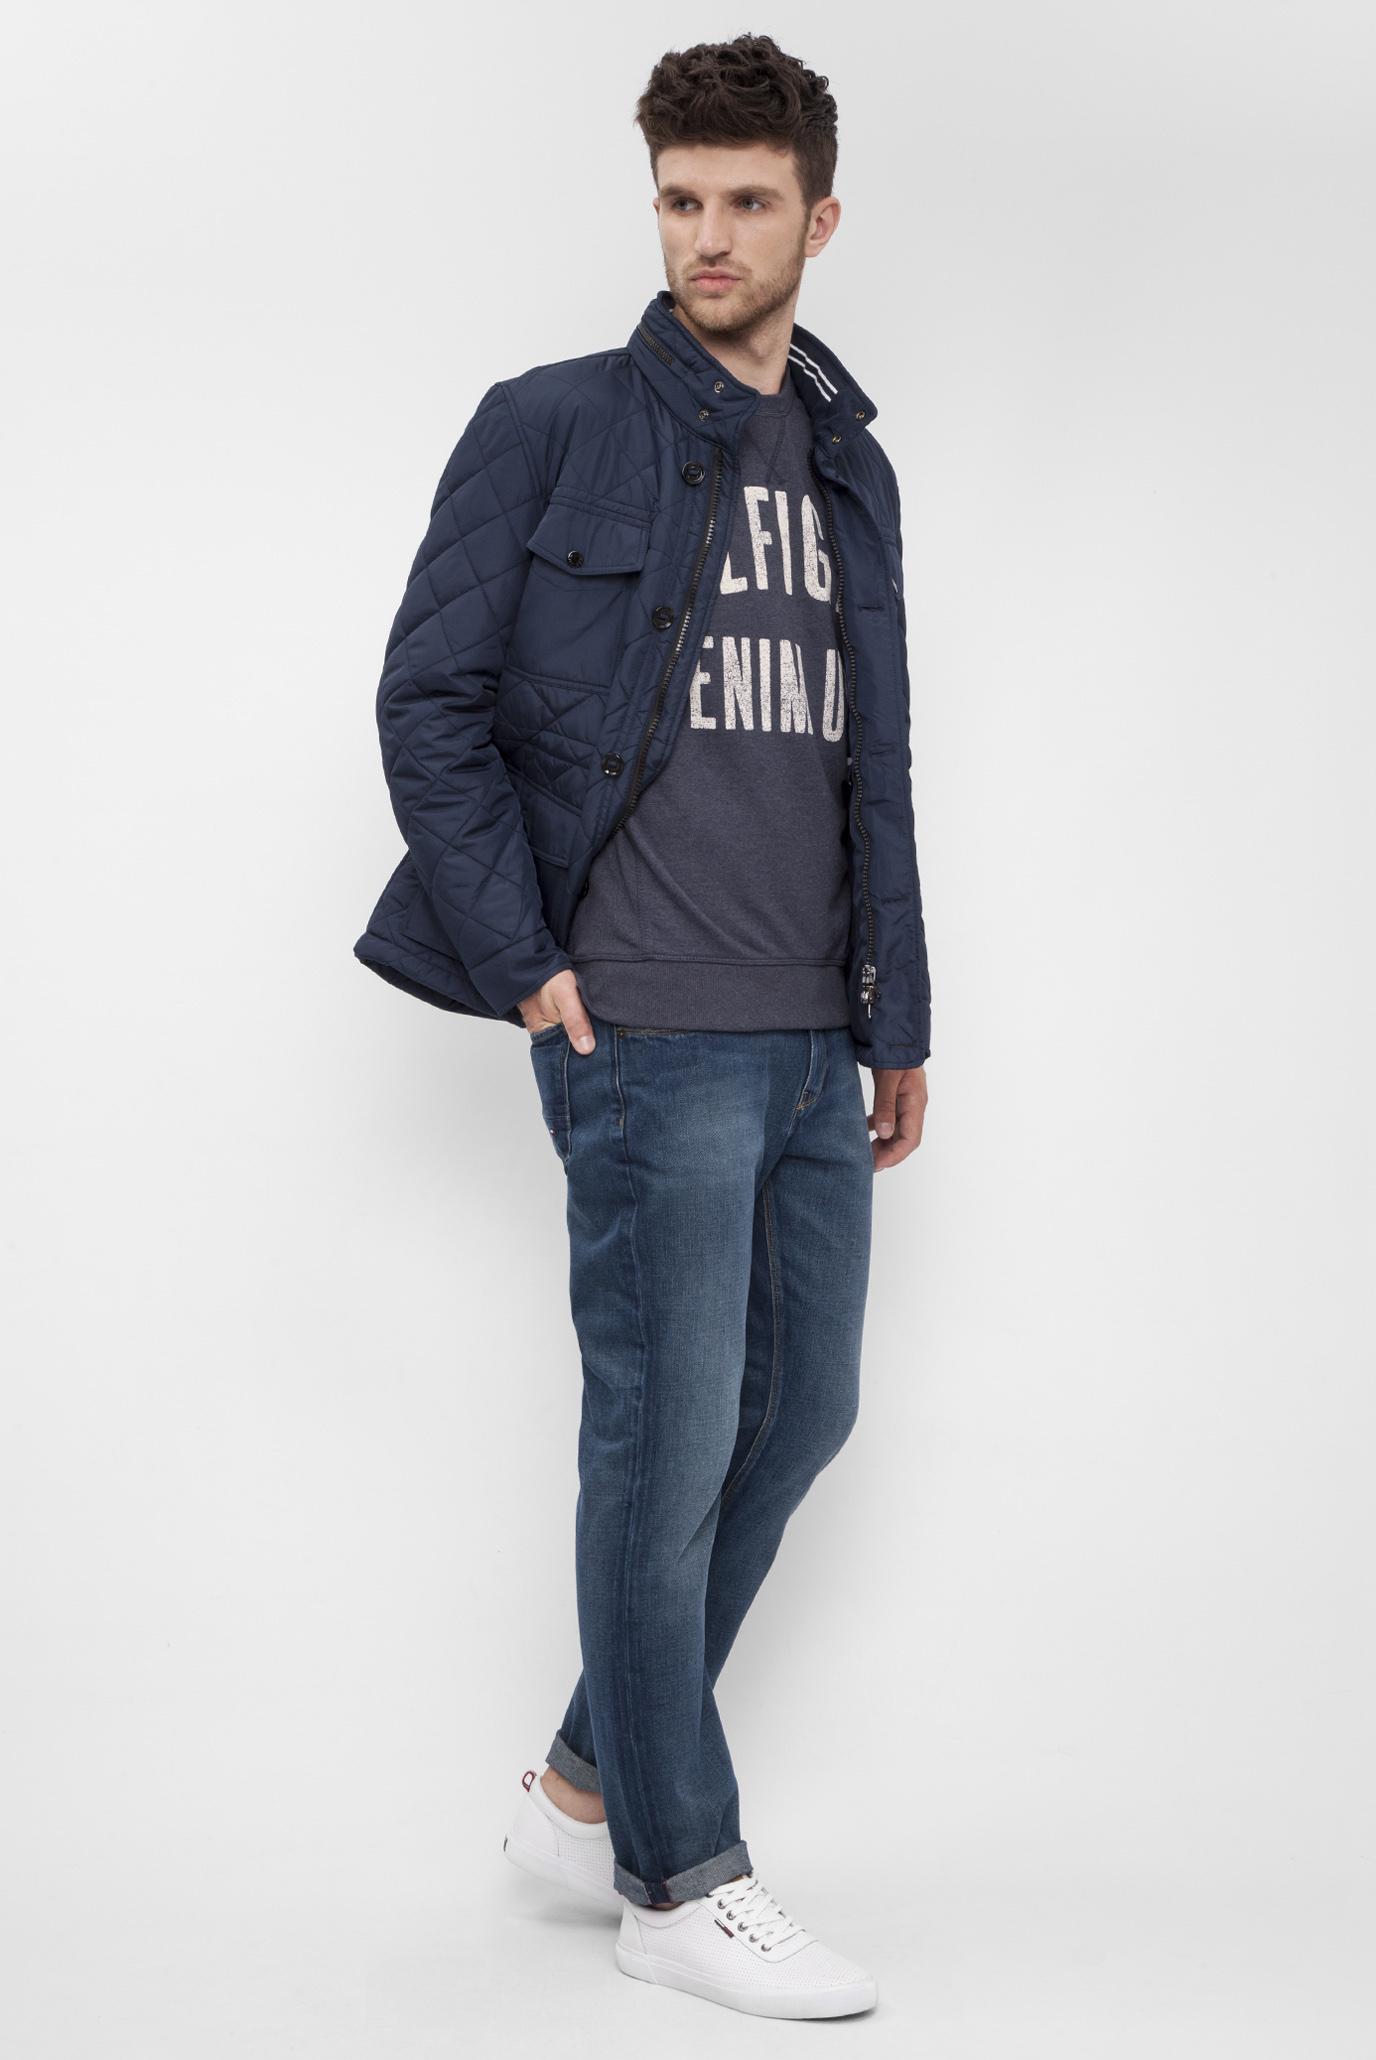 Купить Мужские синие джинсы NOS MERCER - MIDDLE BLUE Tommy Hilfiger Tommy Hilfiger 867852216 – Киев, Украина. Цены в интернет магазине MD Fashion